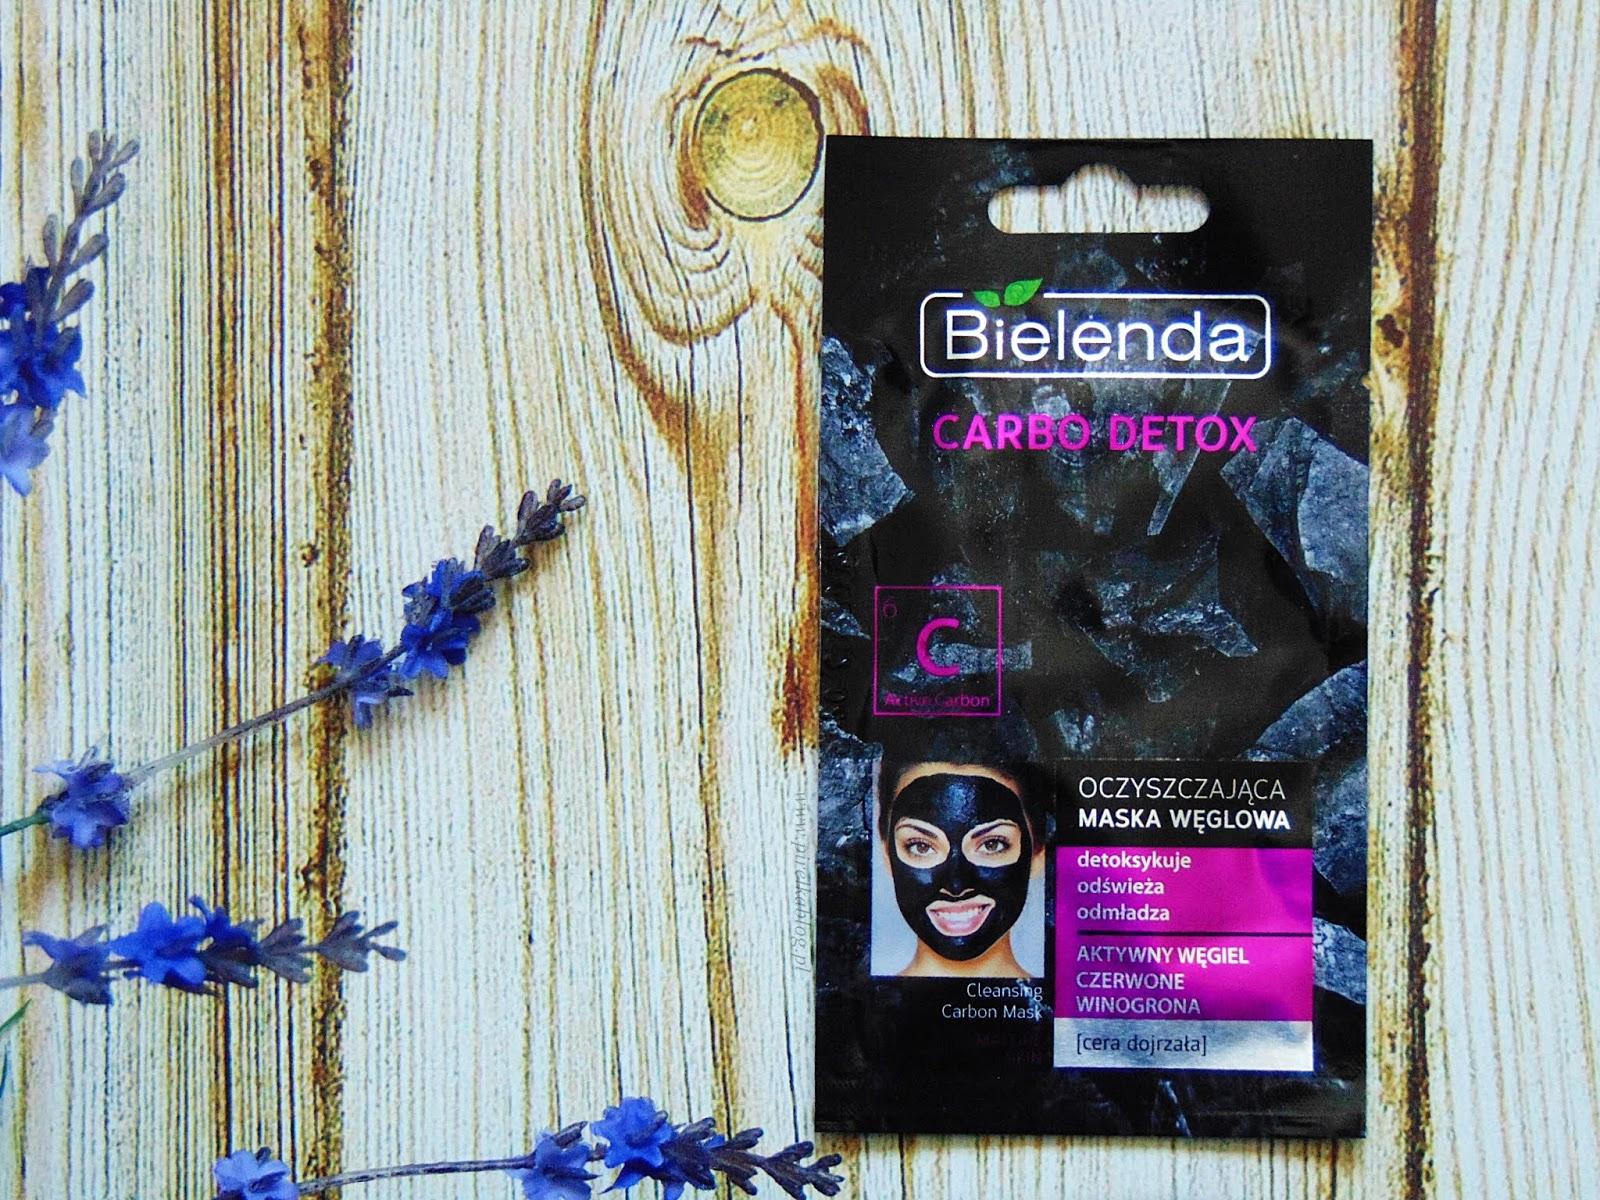 Maseczka Bielenda Carbo Detox, Oczyszczająca maska węglowa